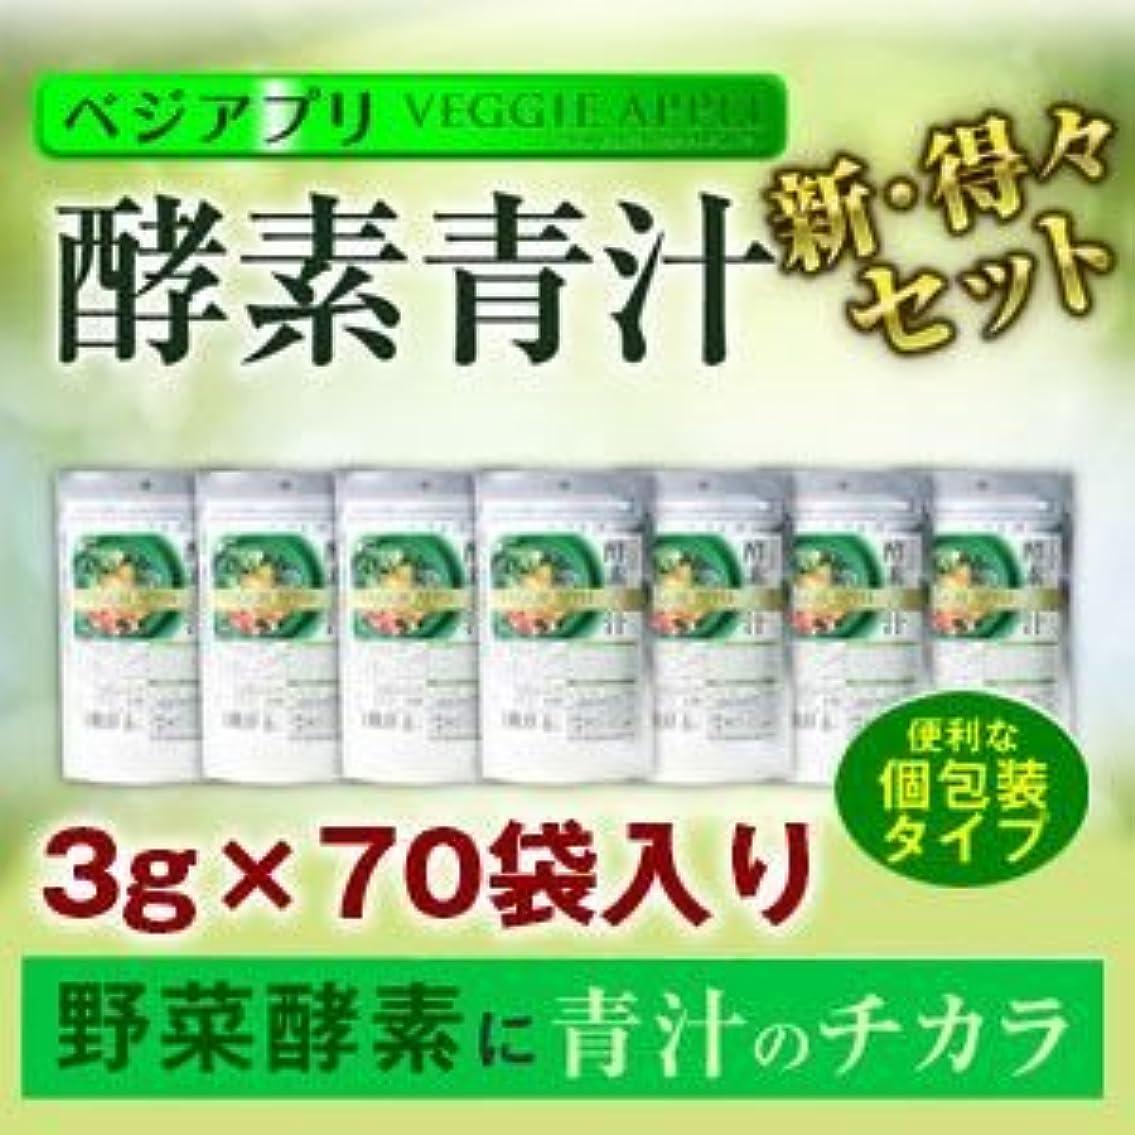 ベジアプリ 酵素青汁 得々セット70袋入り(置き換えダイエット酵素ドリンク)